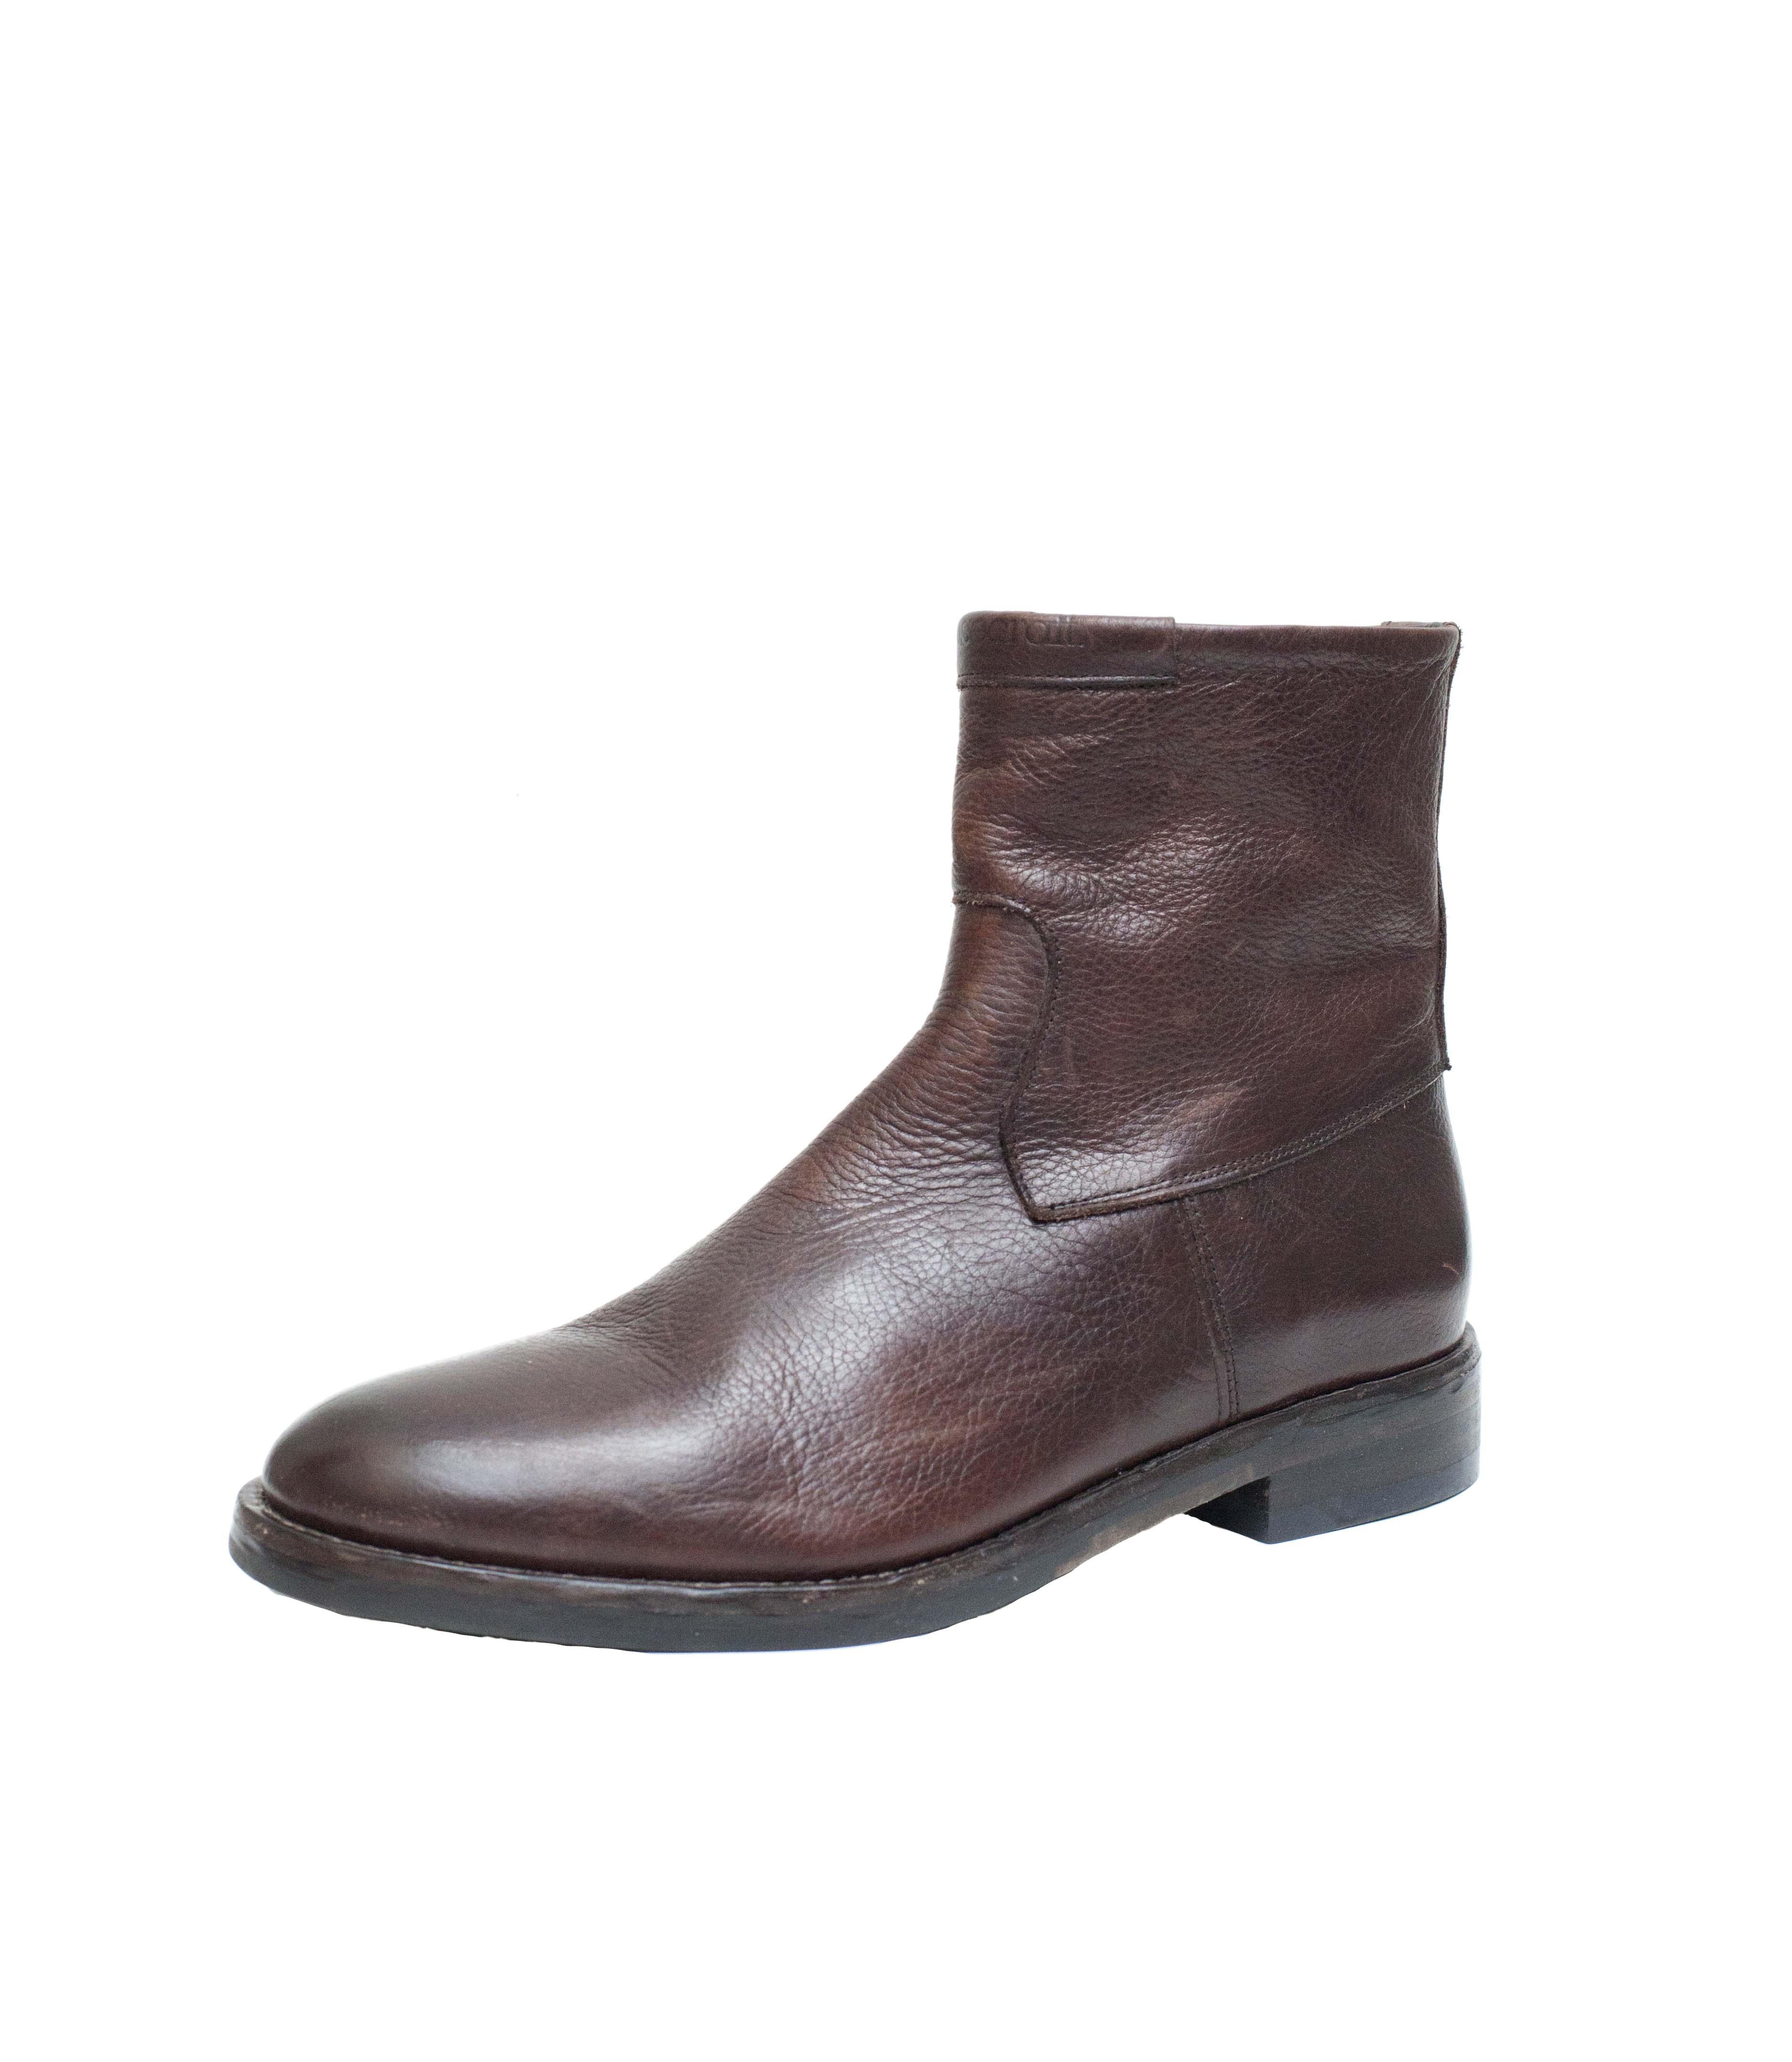 Goosecraft schoenencollectie (4)